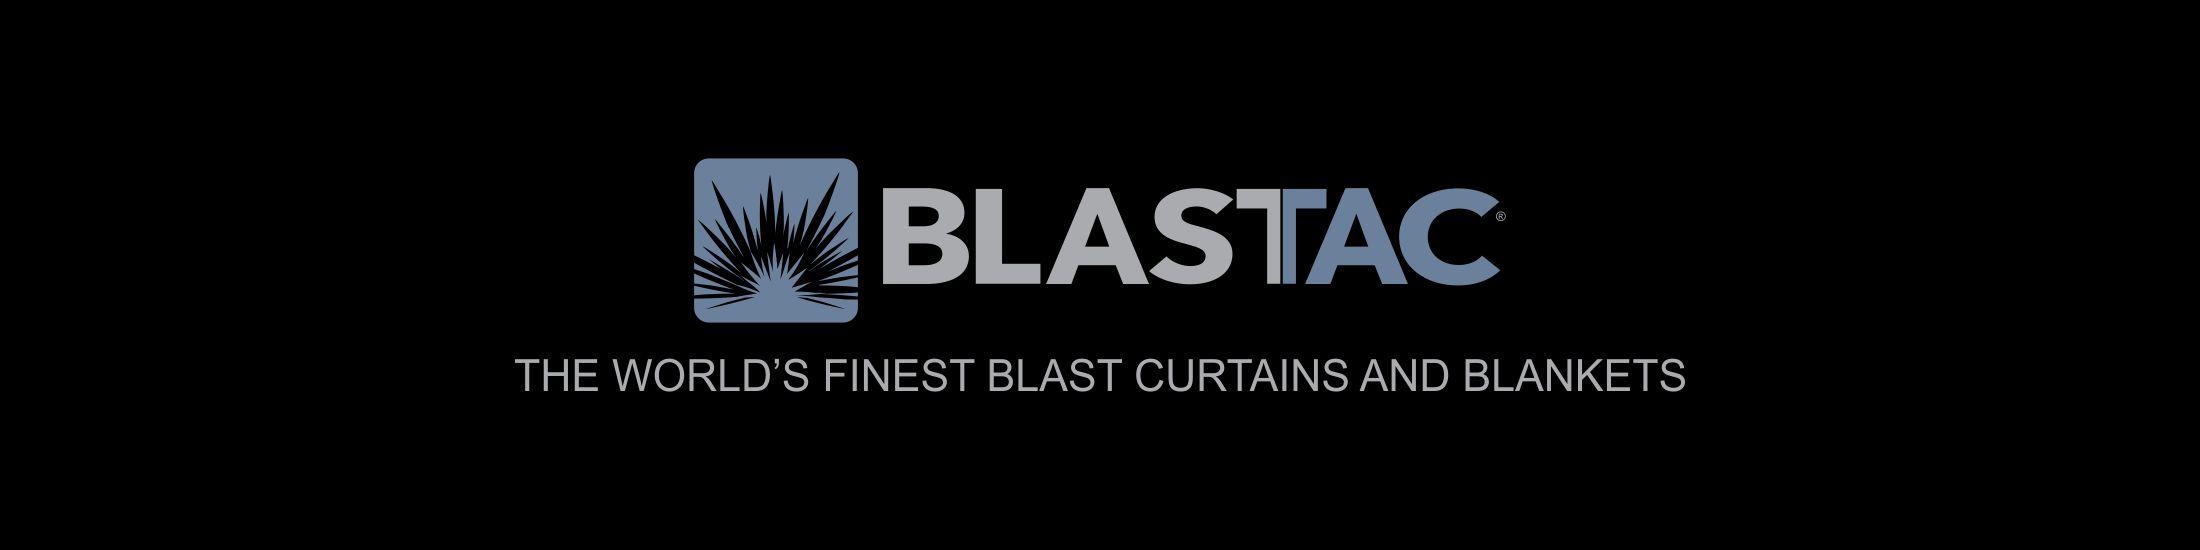 BlastTac Blast Curtains and Blast Blankets